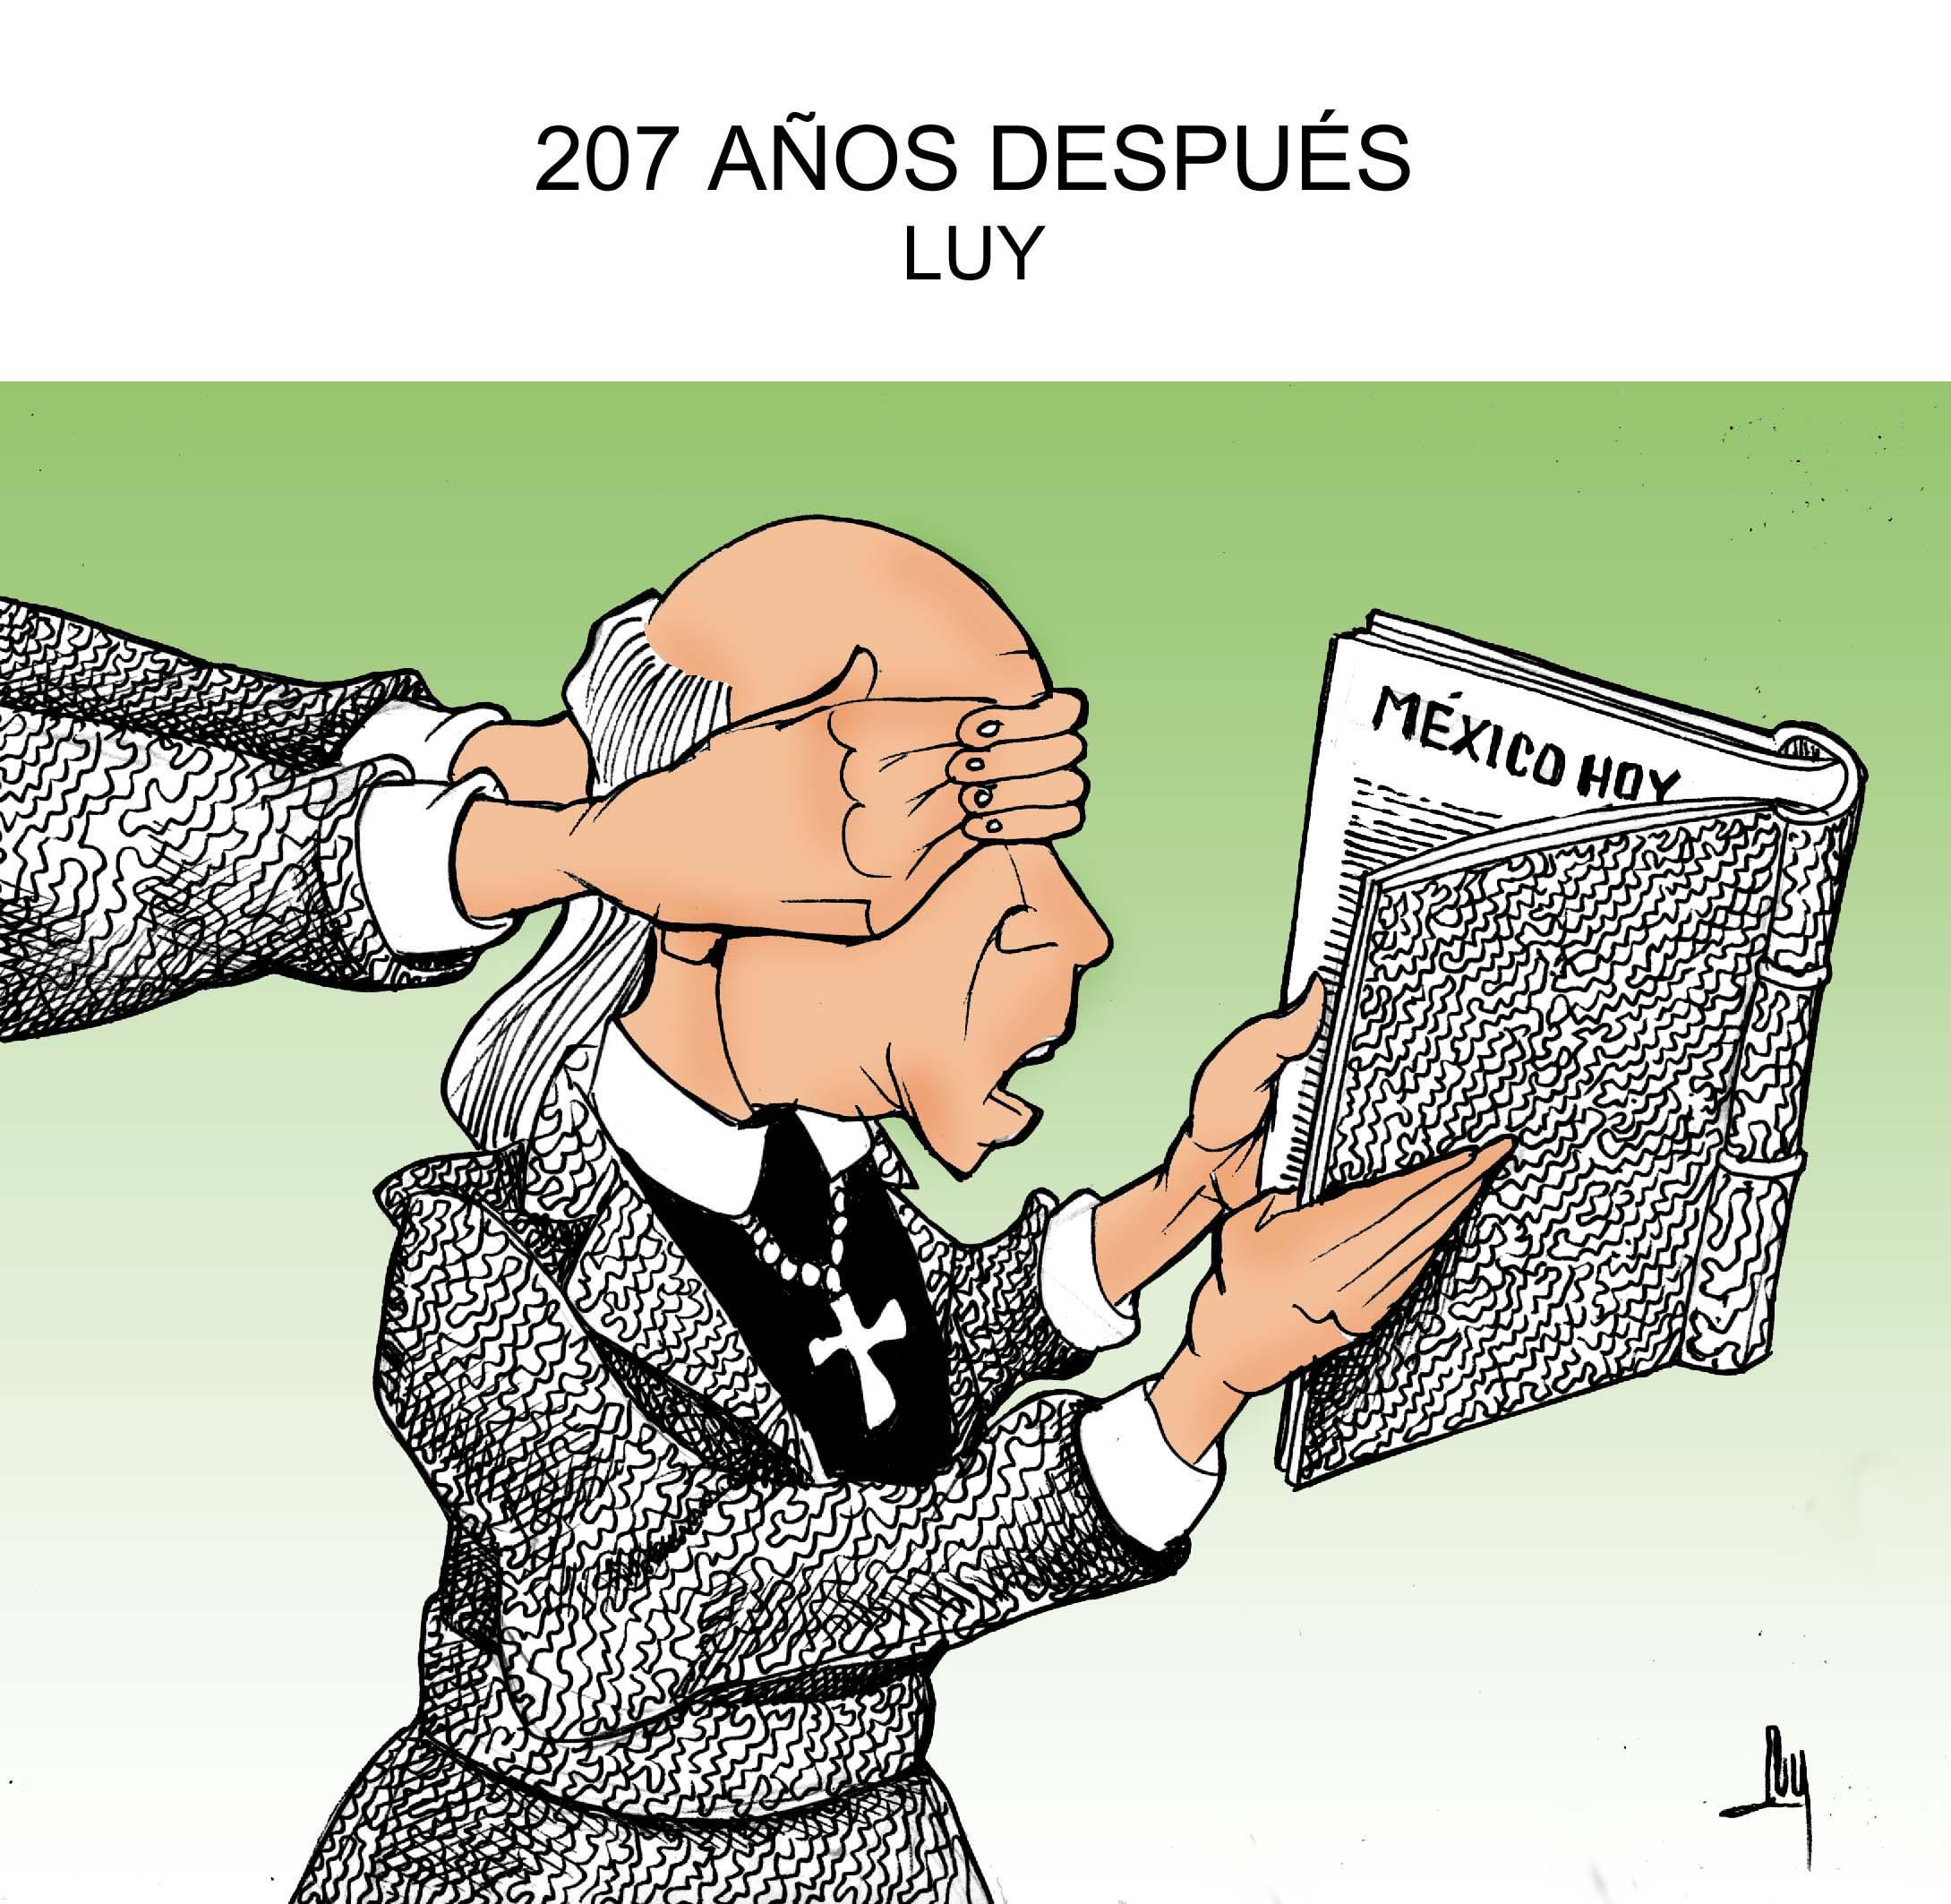 207-anos-despues